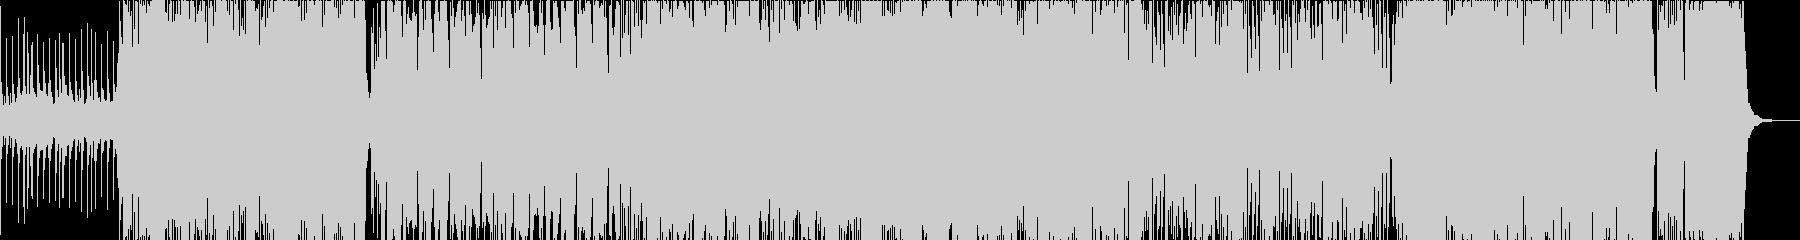 尺八がメインの激しい和風ロックの未再生の波形